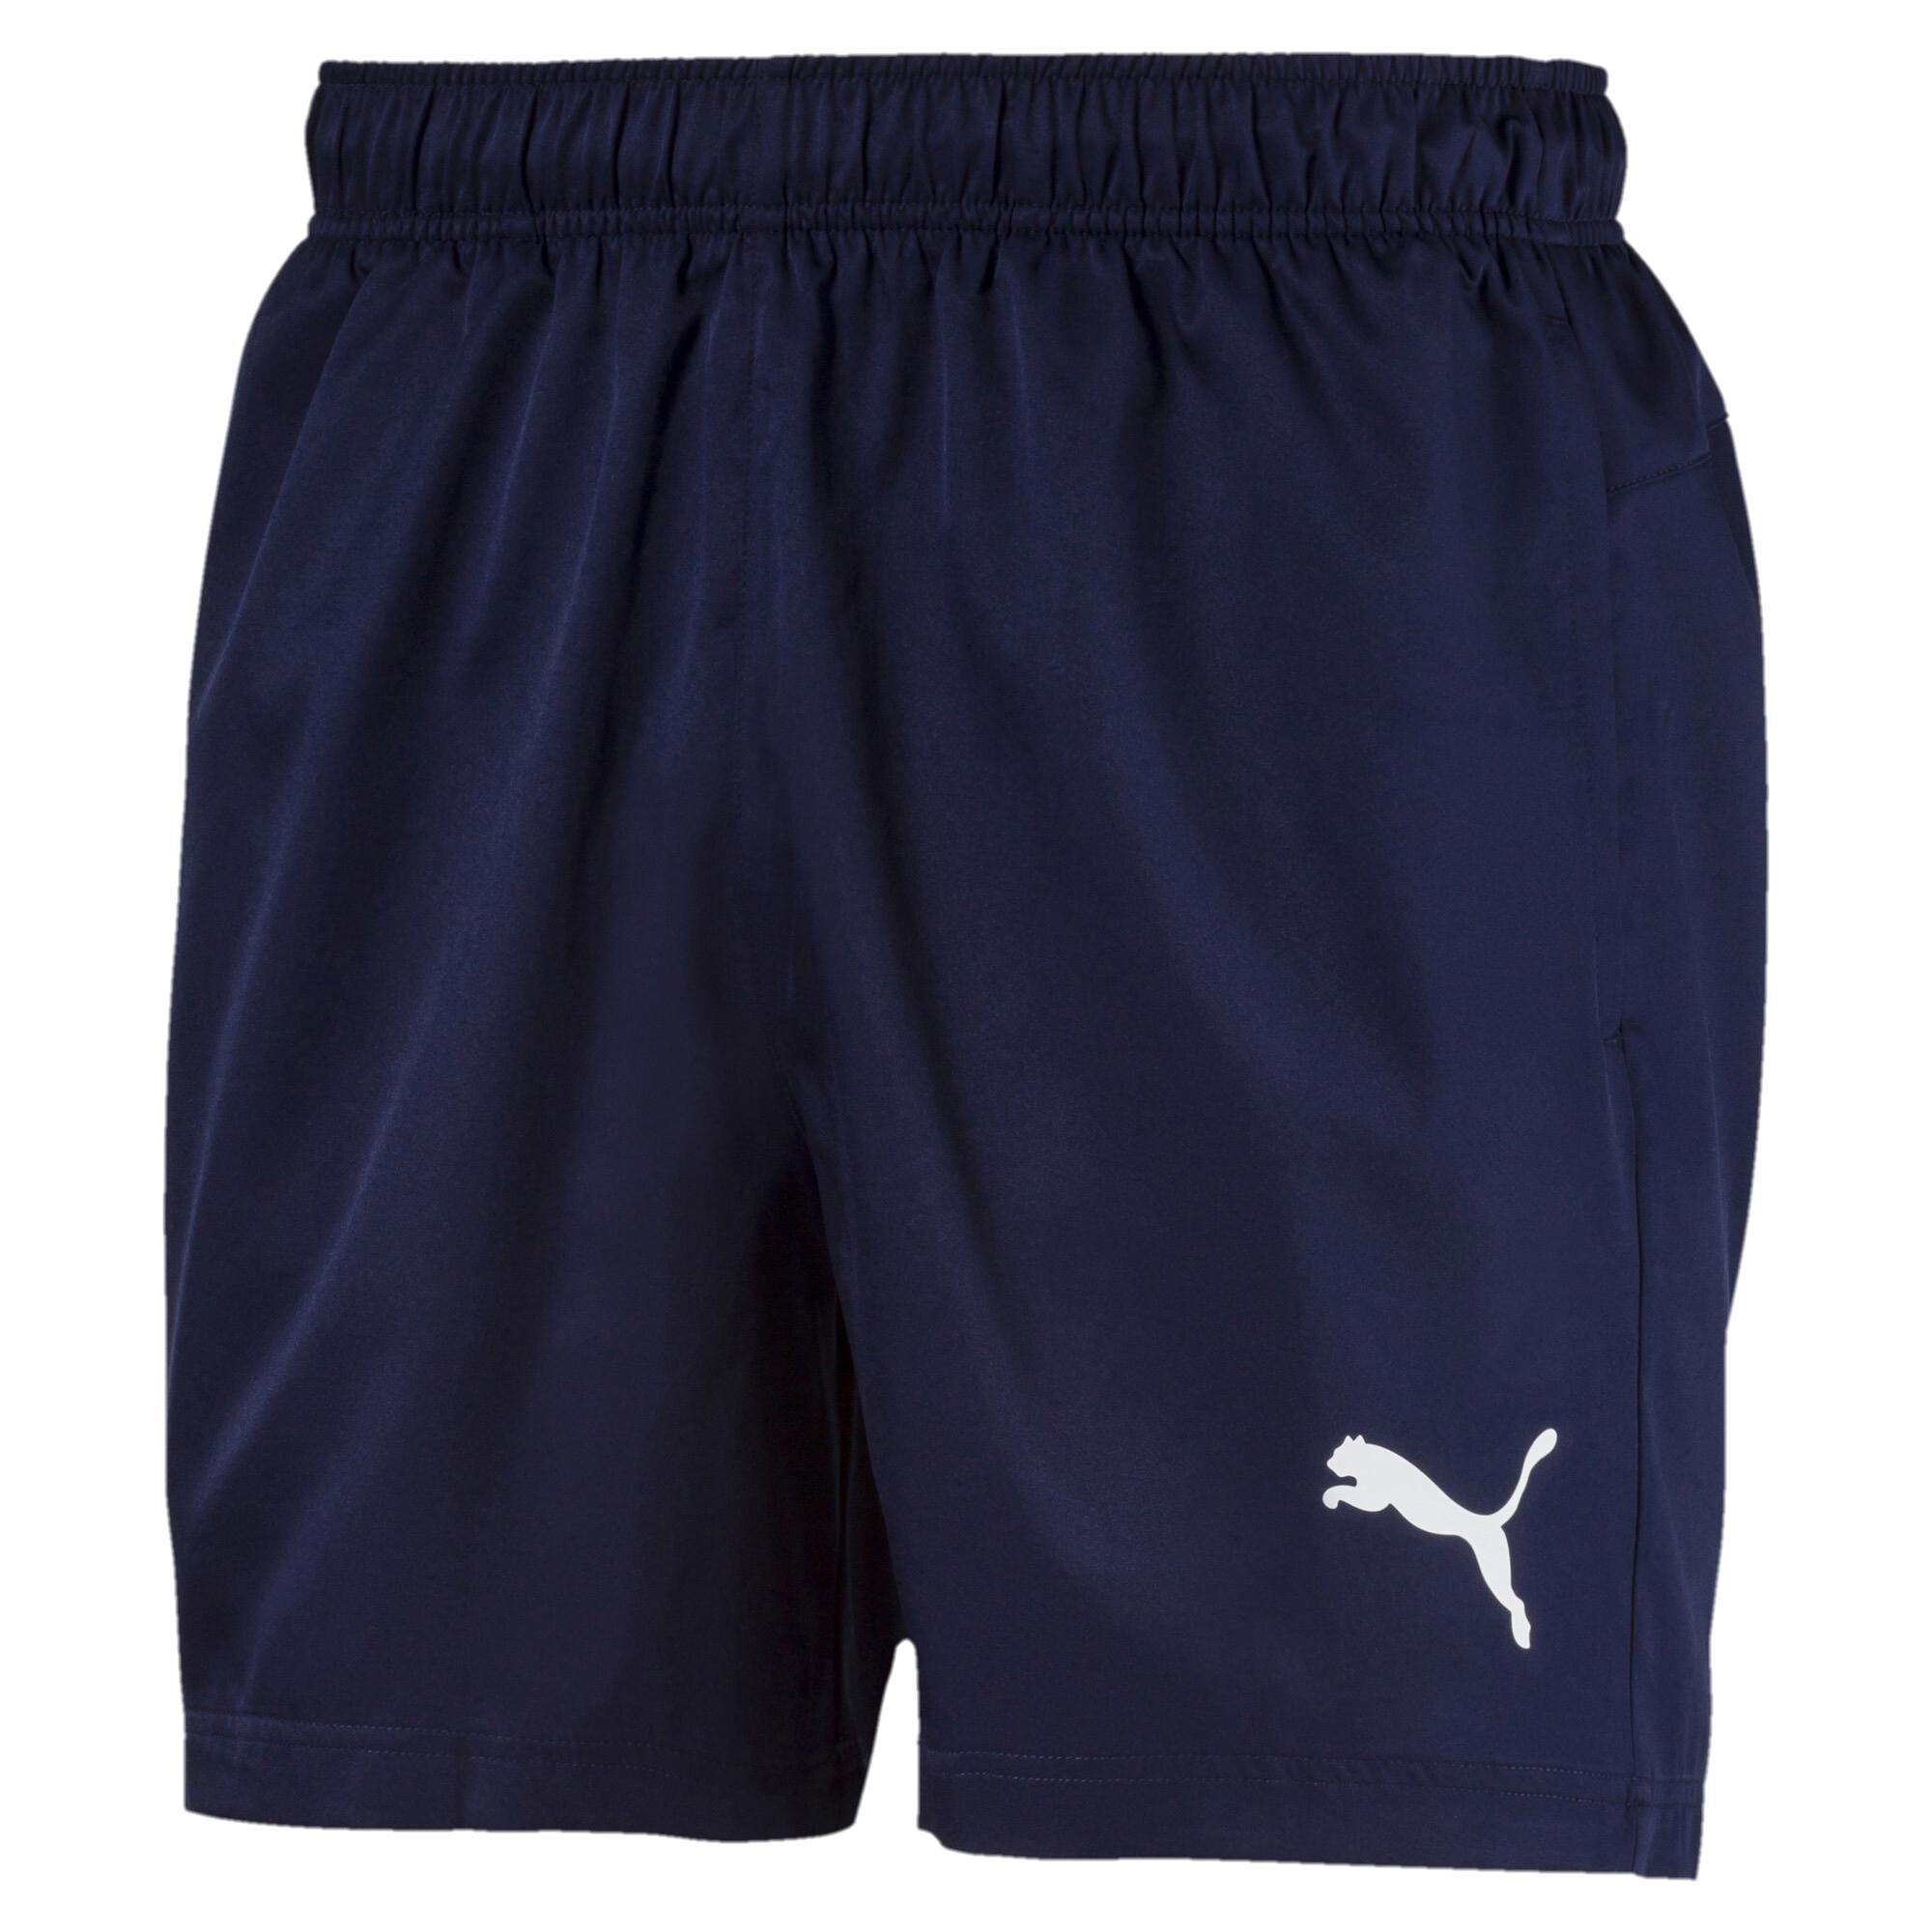 Shorts en malla tejida para hombre Active